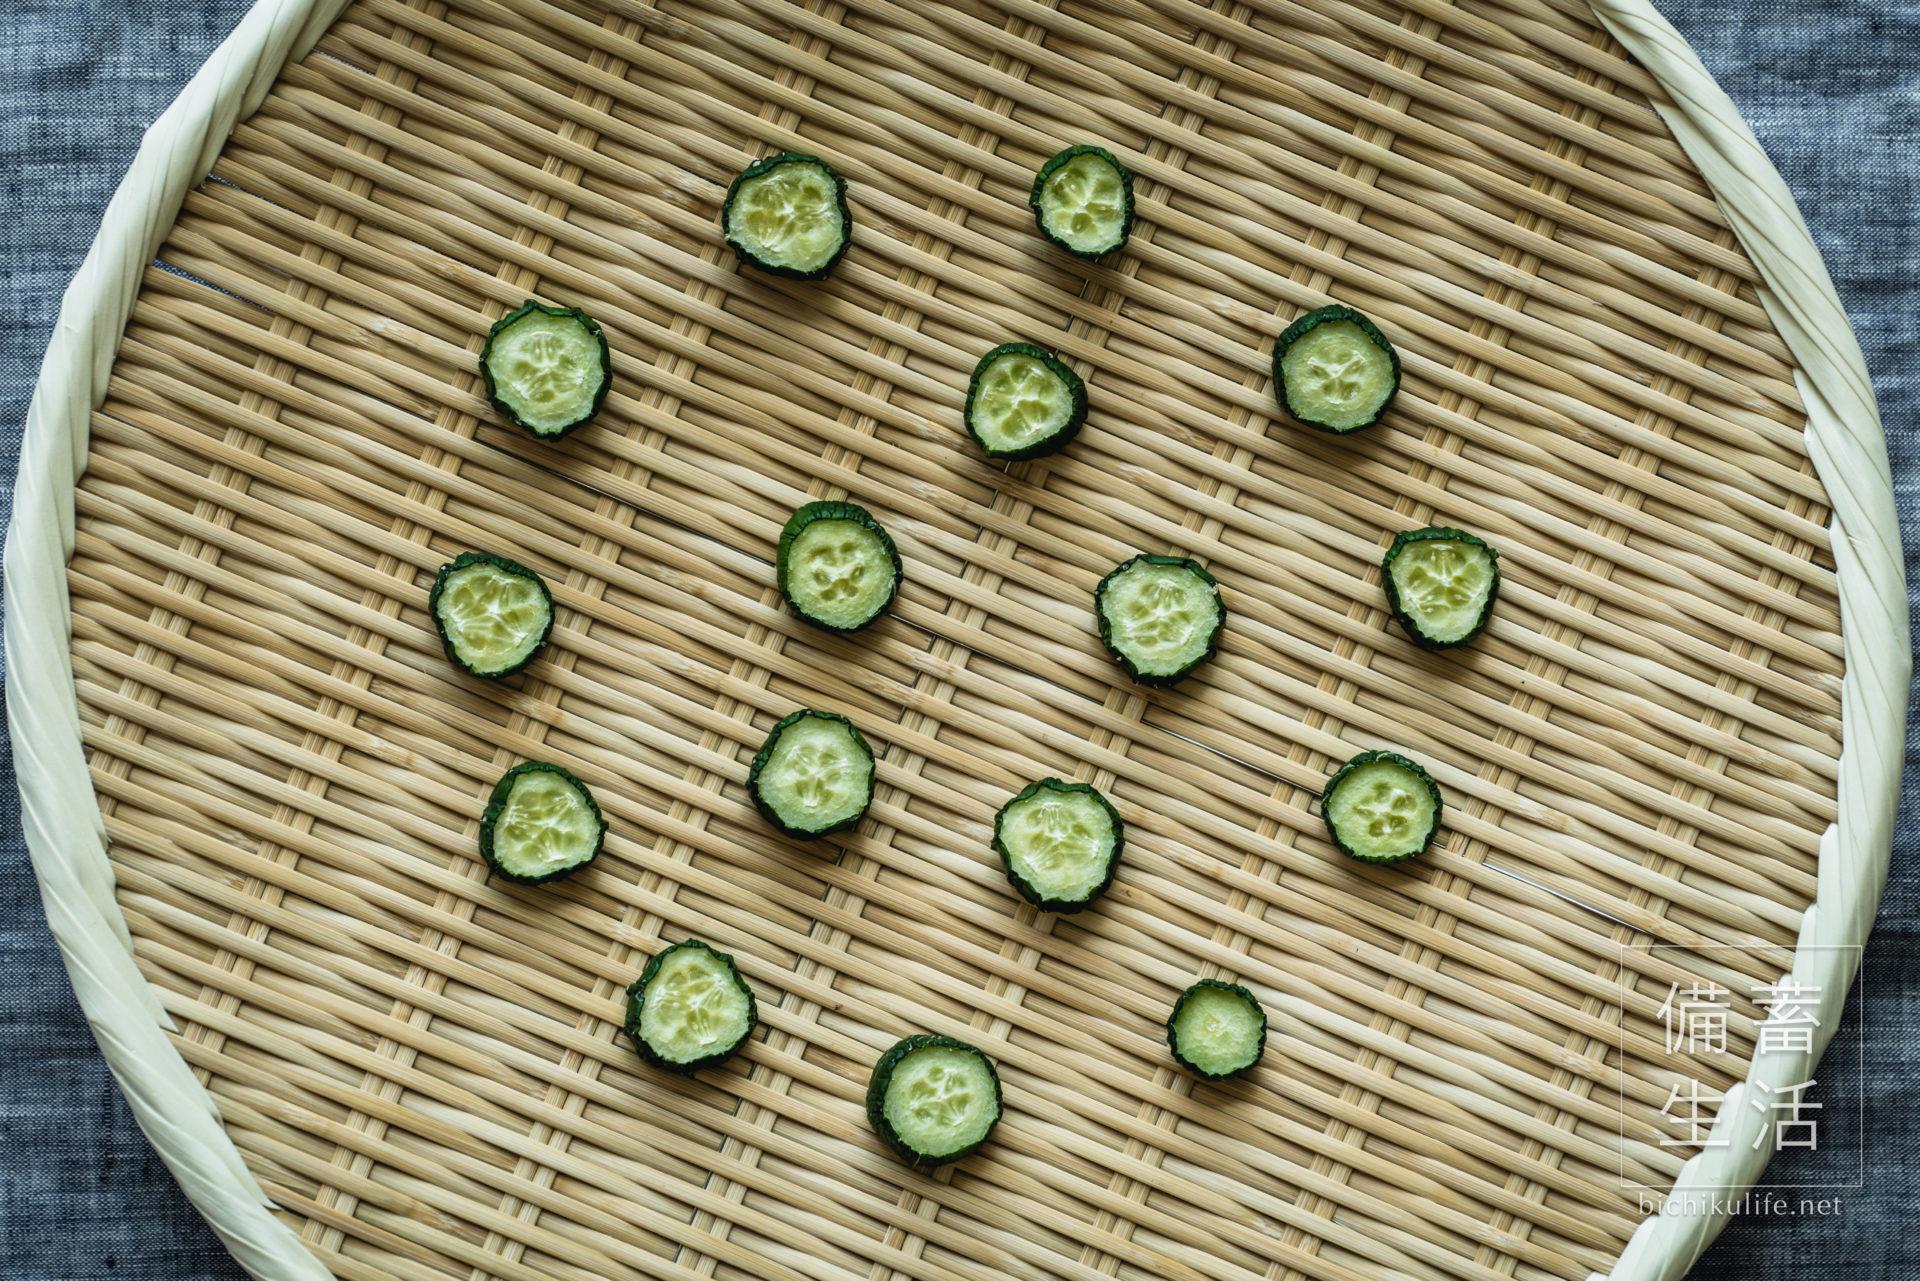 きゅうり 干し野菜づくり -干し胡瓜-